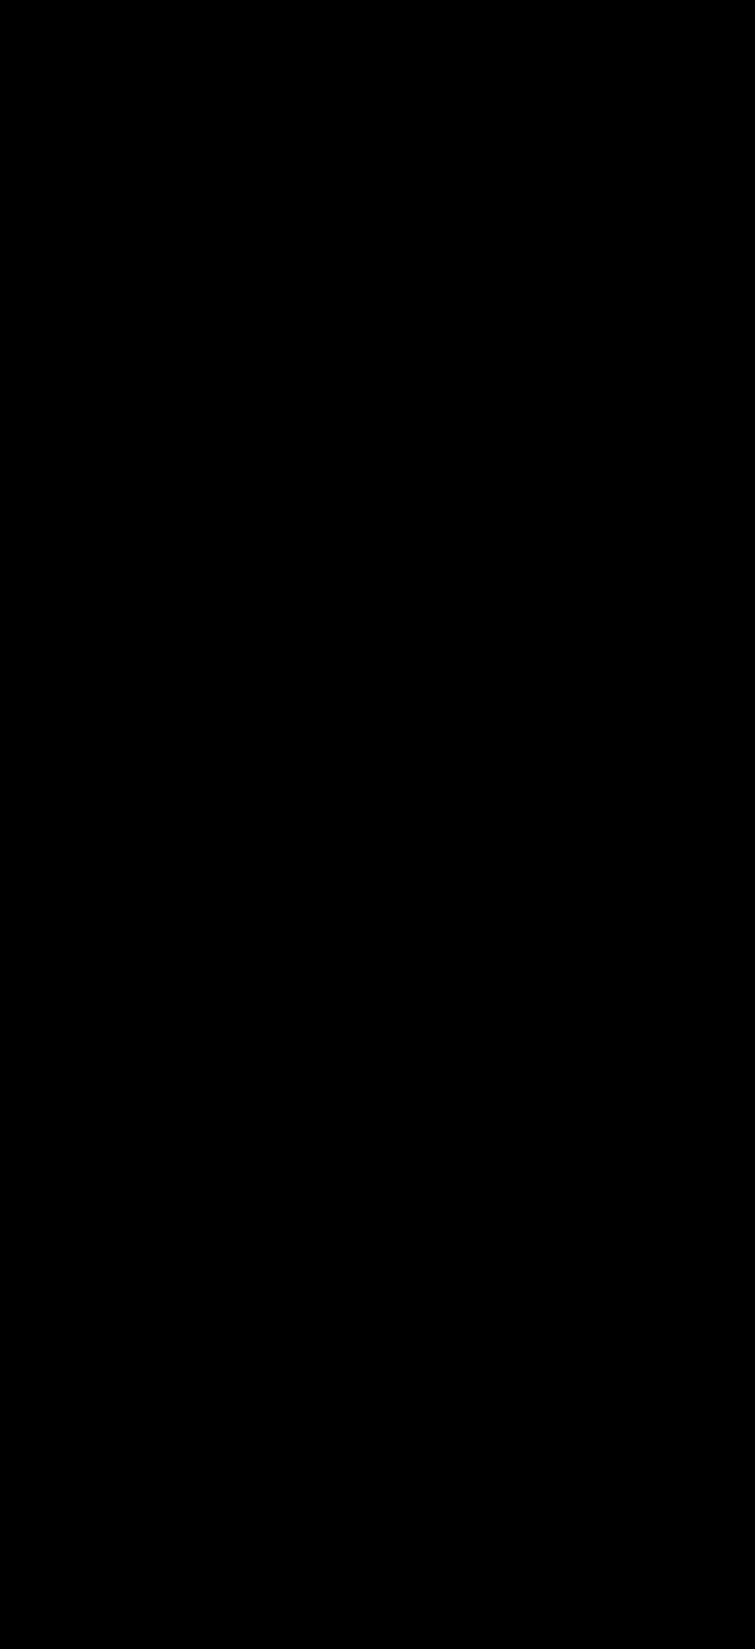 Wanny z hydromasażem - wybór, montaż, konserwacja